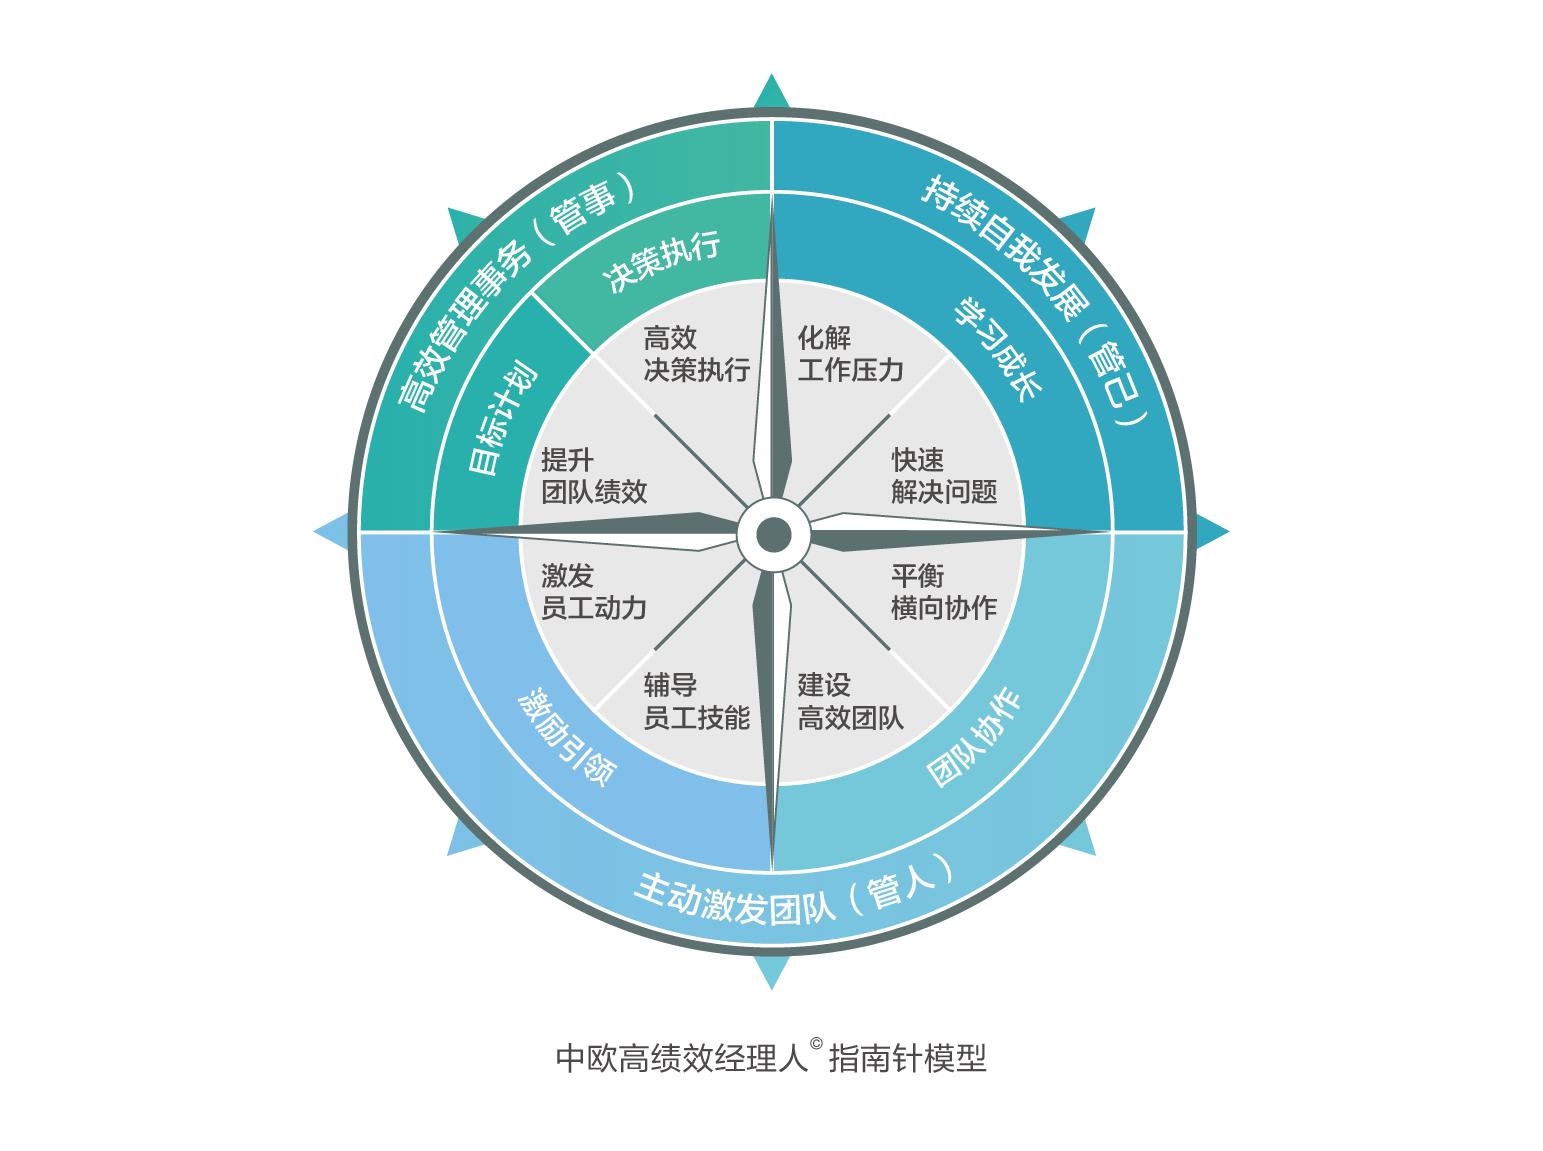 指南针模型图.png